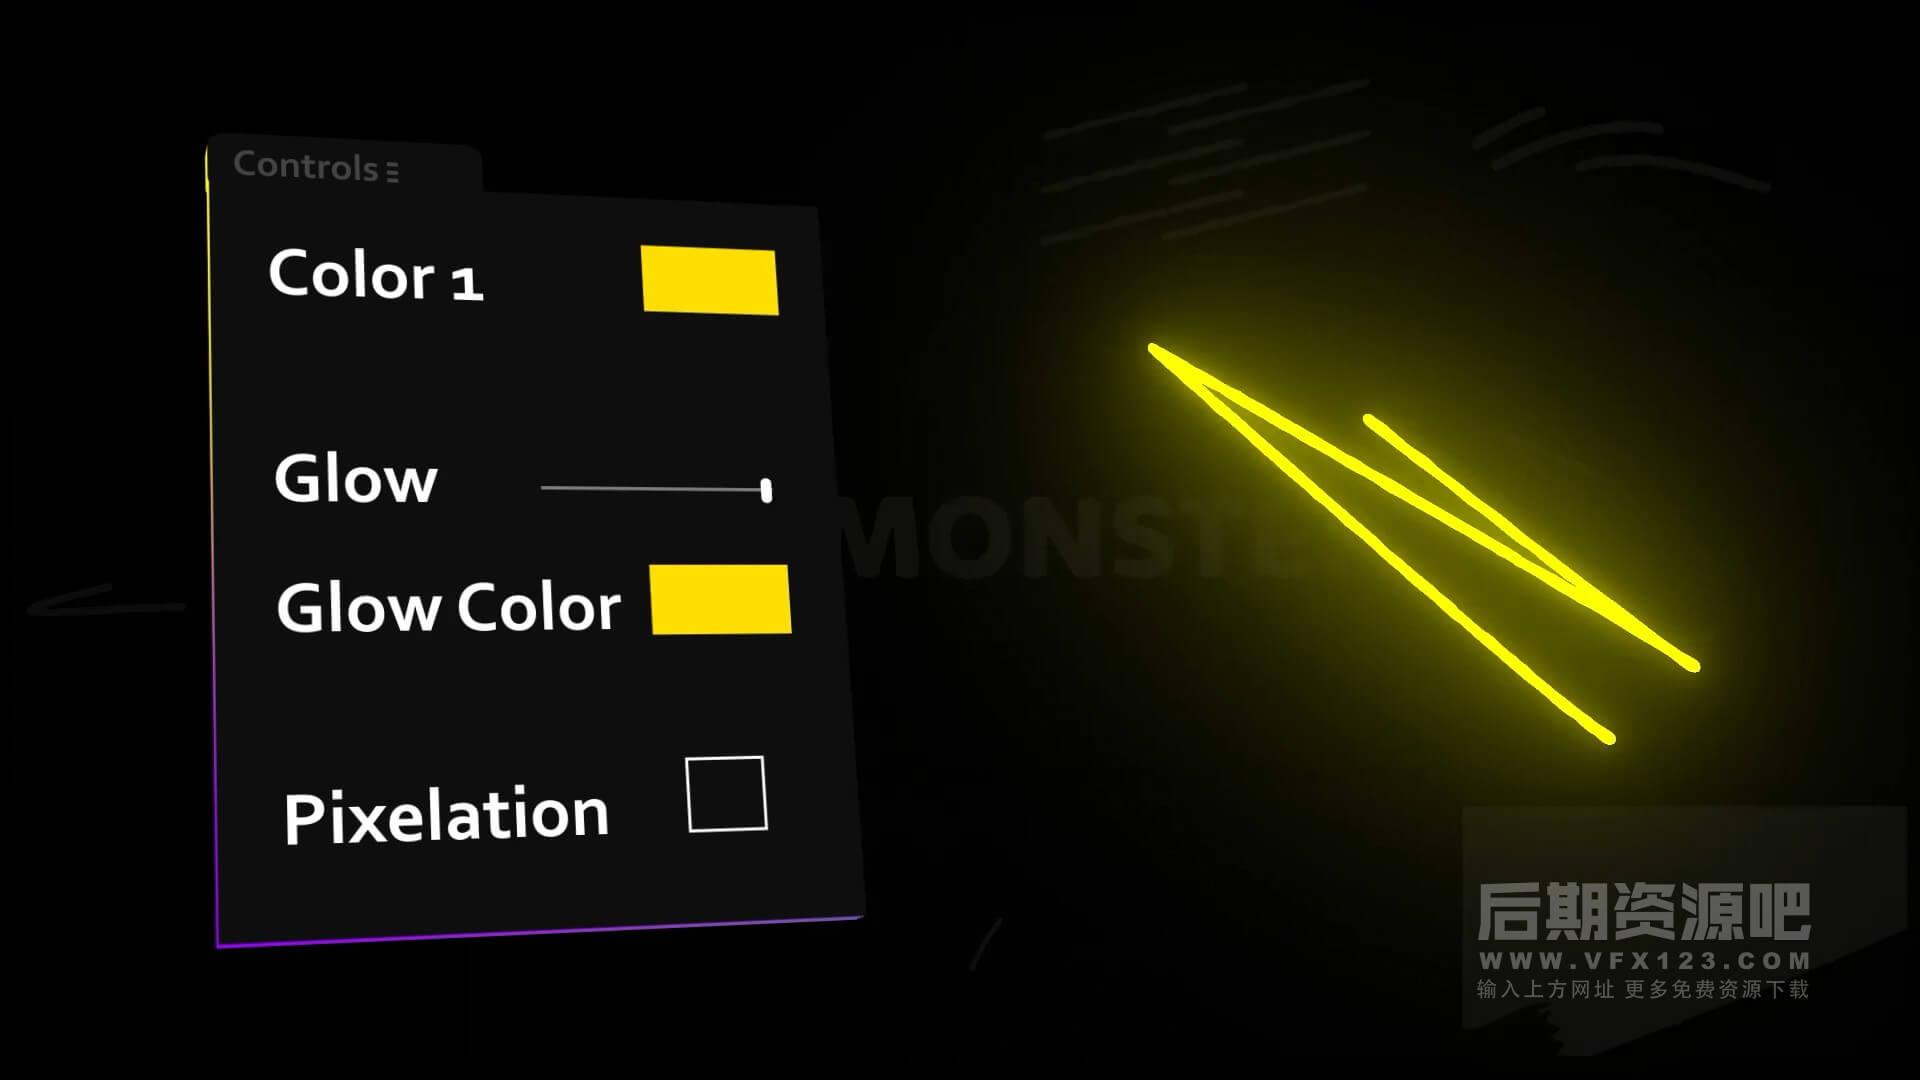 fcpx插件 12组动态装饰涂鸦元素可加辉光效果含转场及音效 Scribble Elements